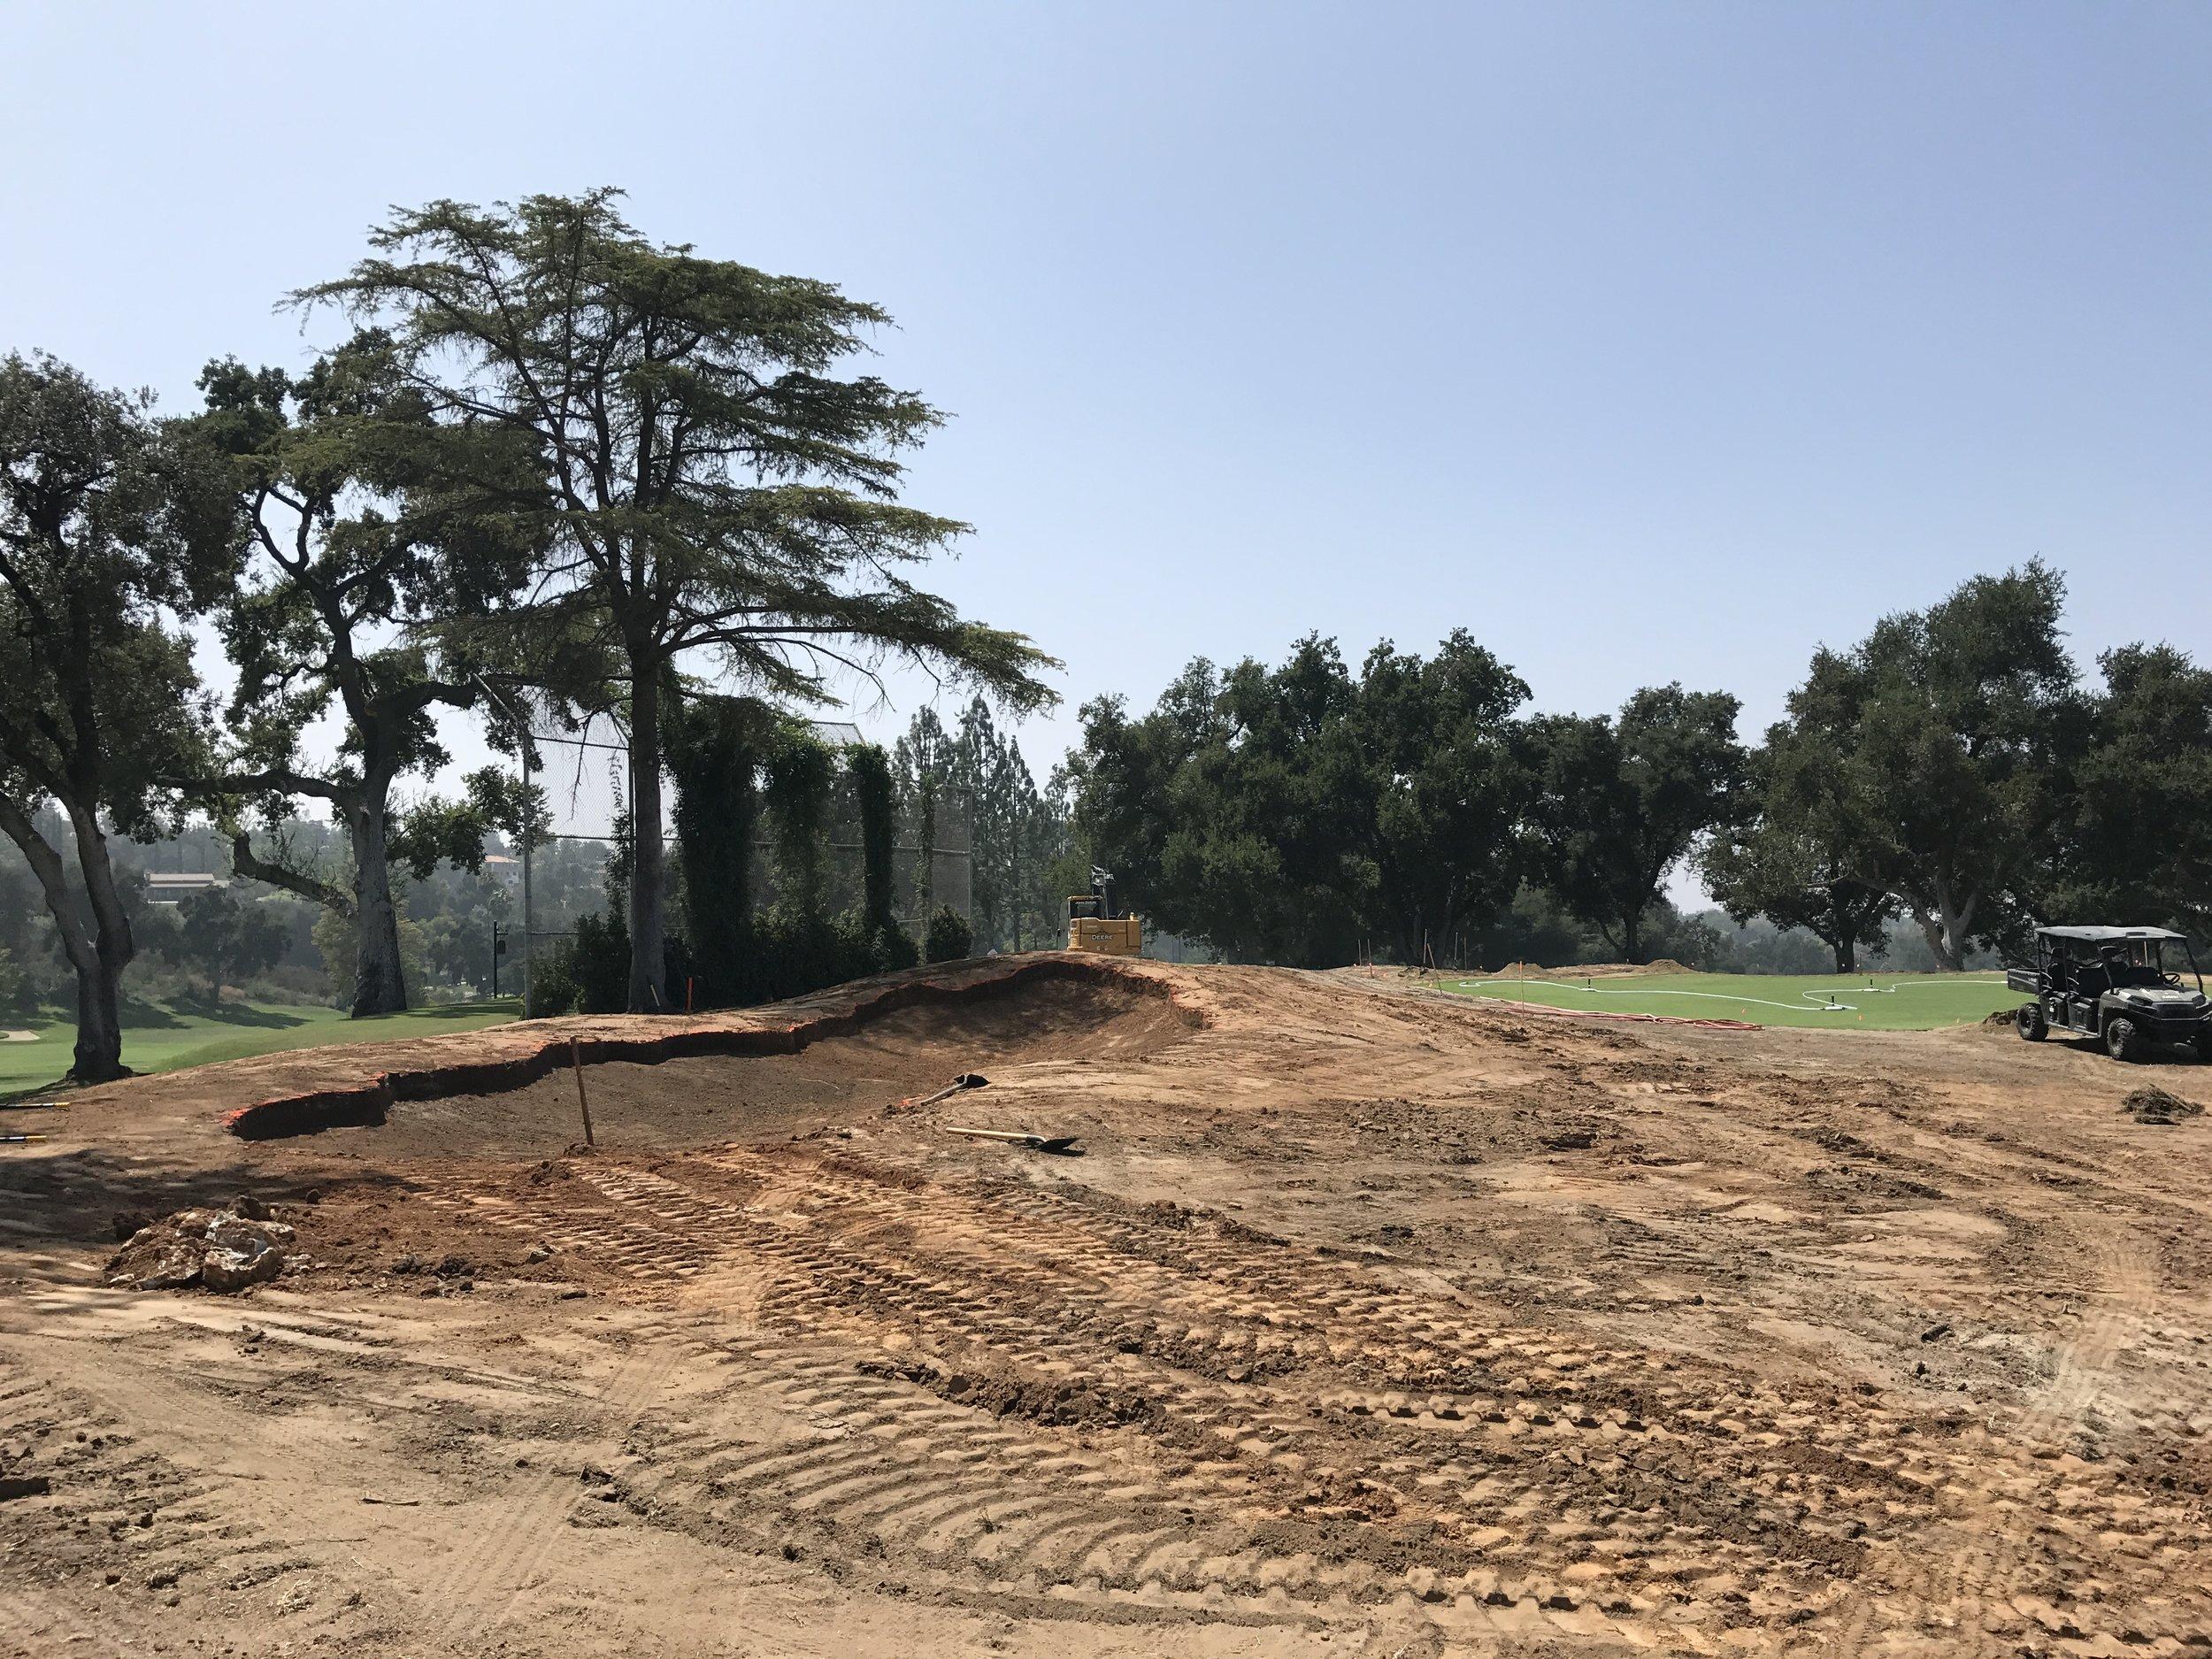 hochstein-design-2017-the-work-redlands-hole-3-left-bunker.JPG